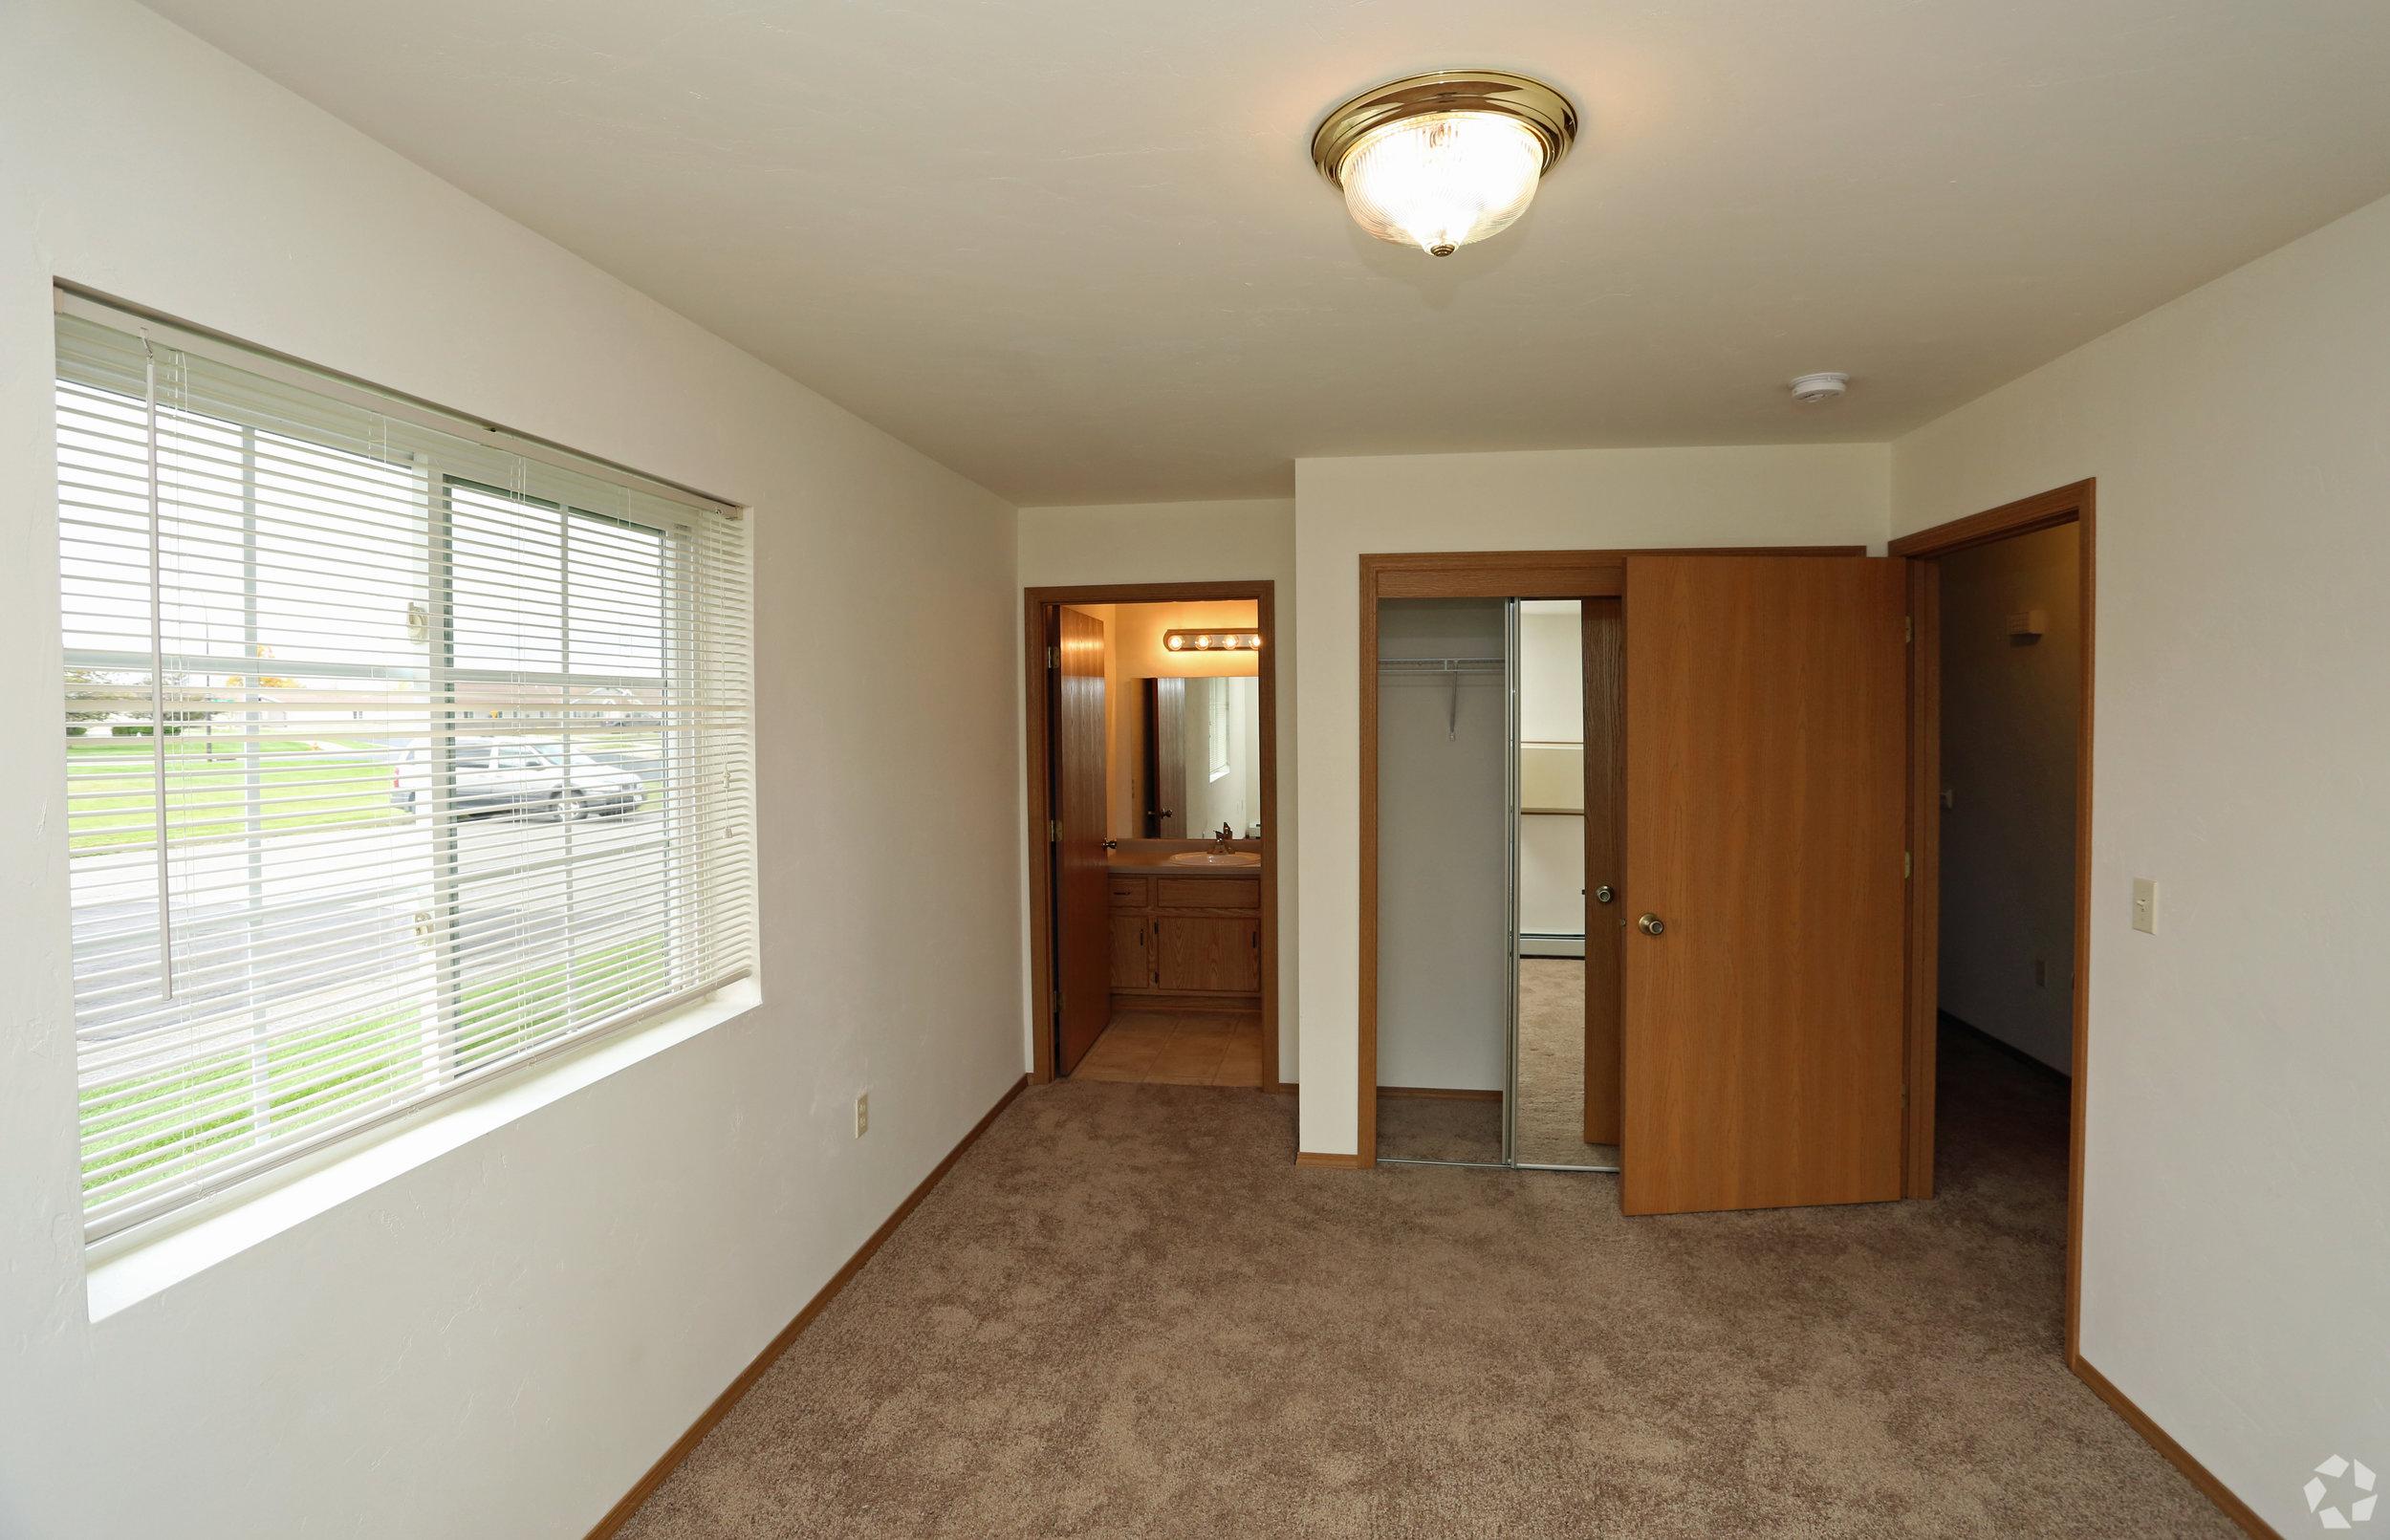 InteriorPhoto (5).jpg